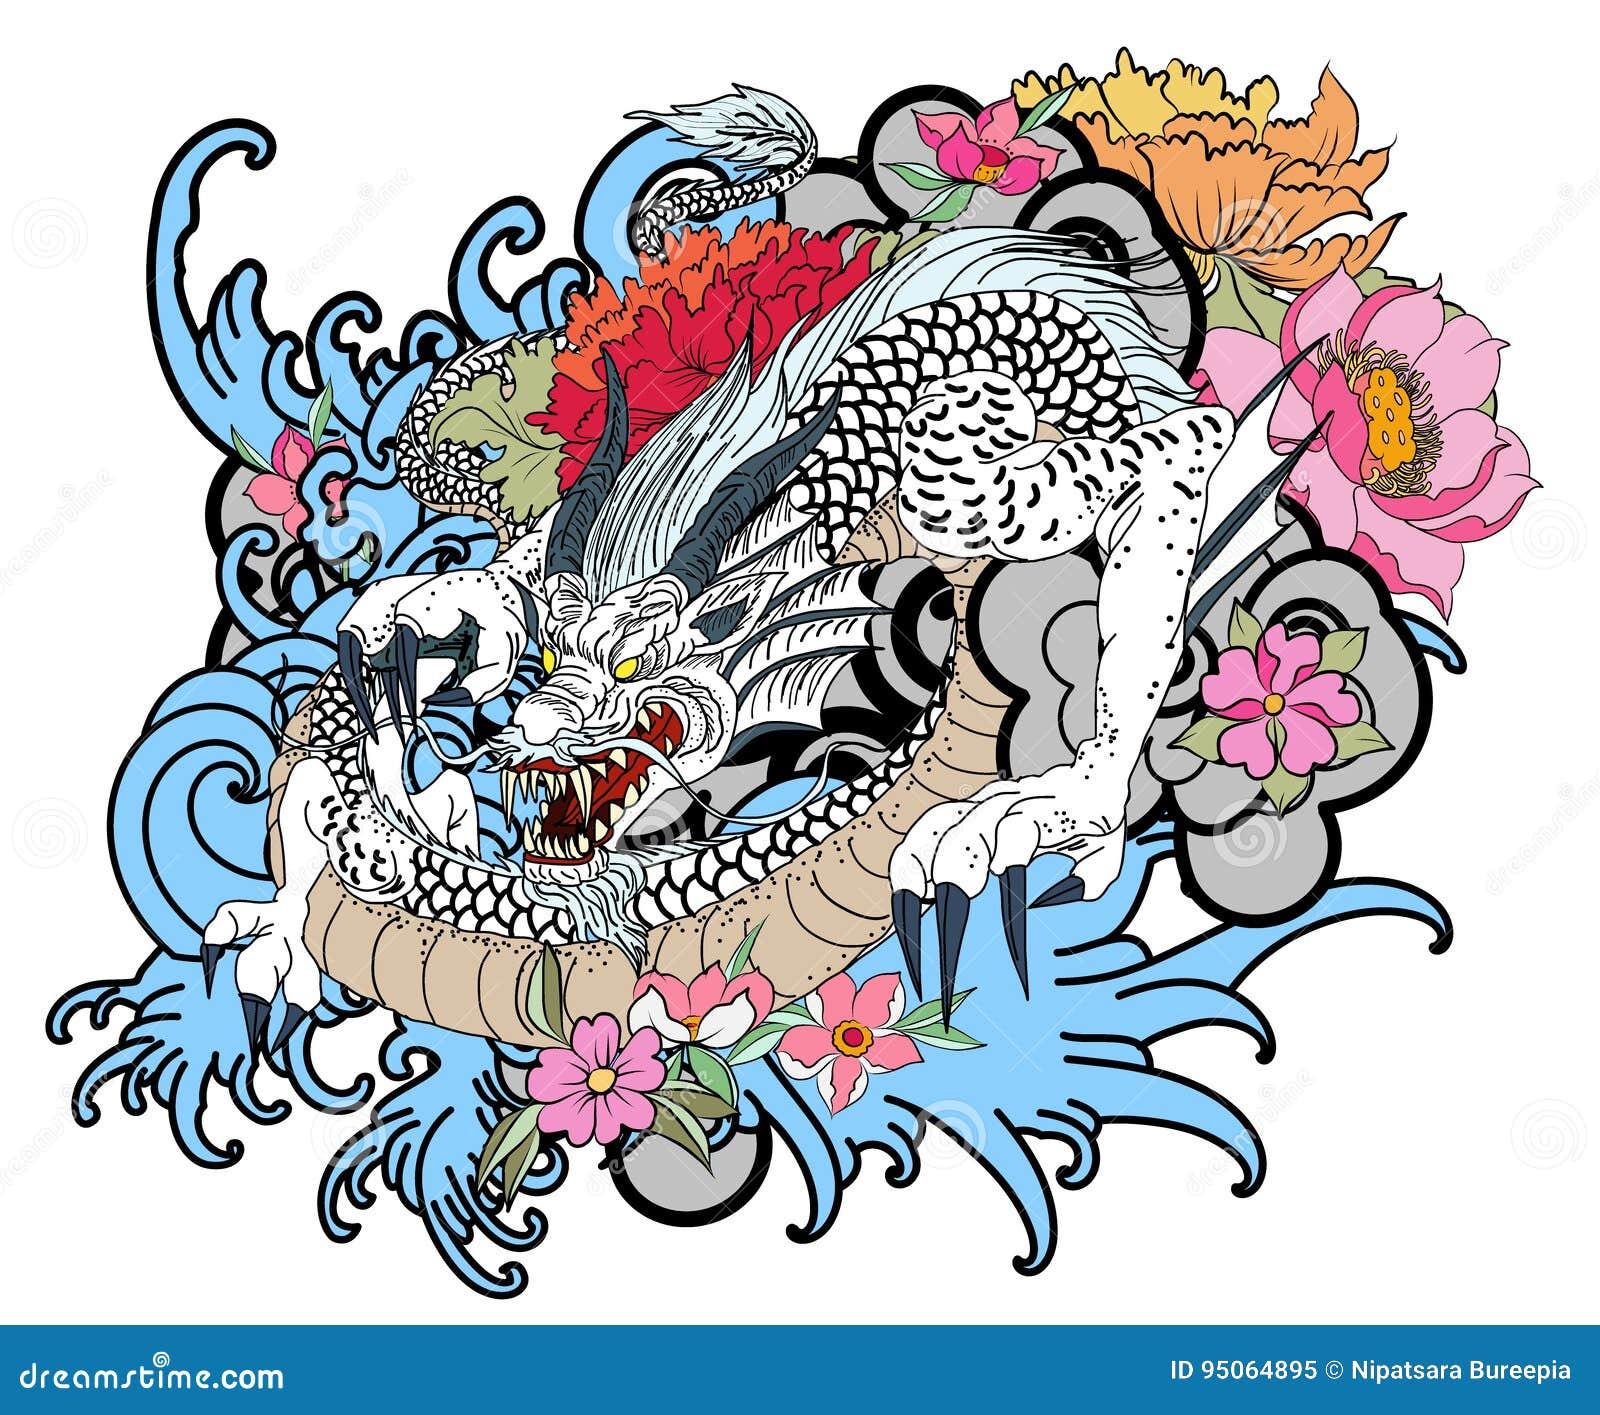 tatuaggio disegnato a mano del drago stile giapponese del. Black Bedroom Furniture Sets. Home Design Ideas